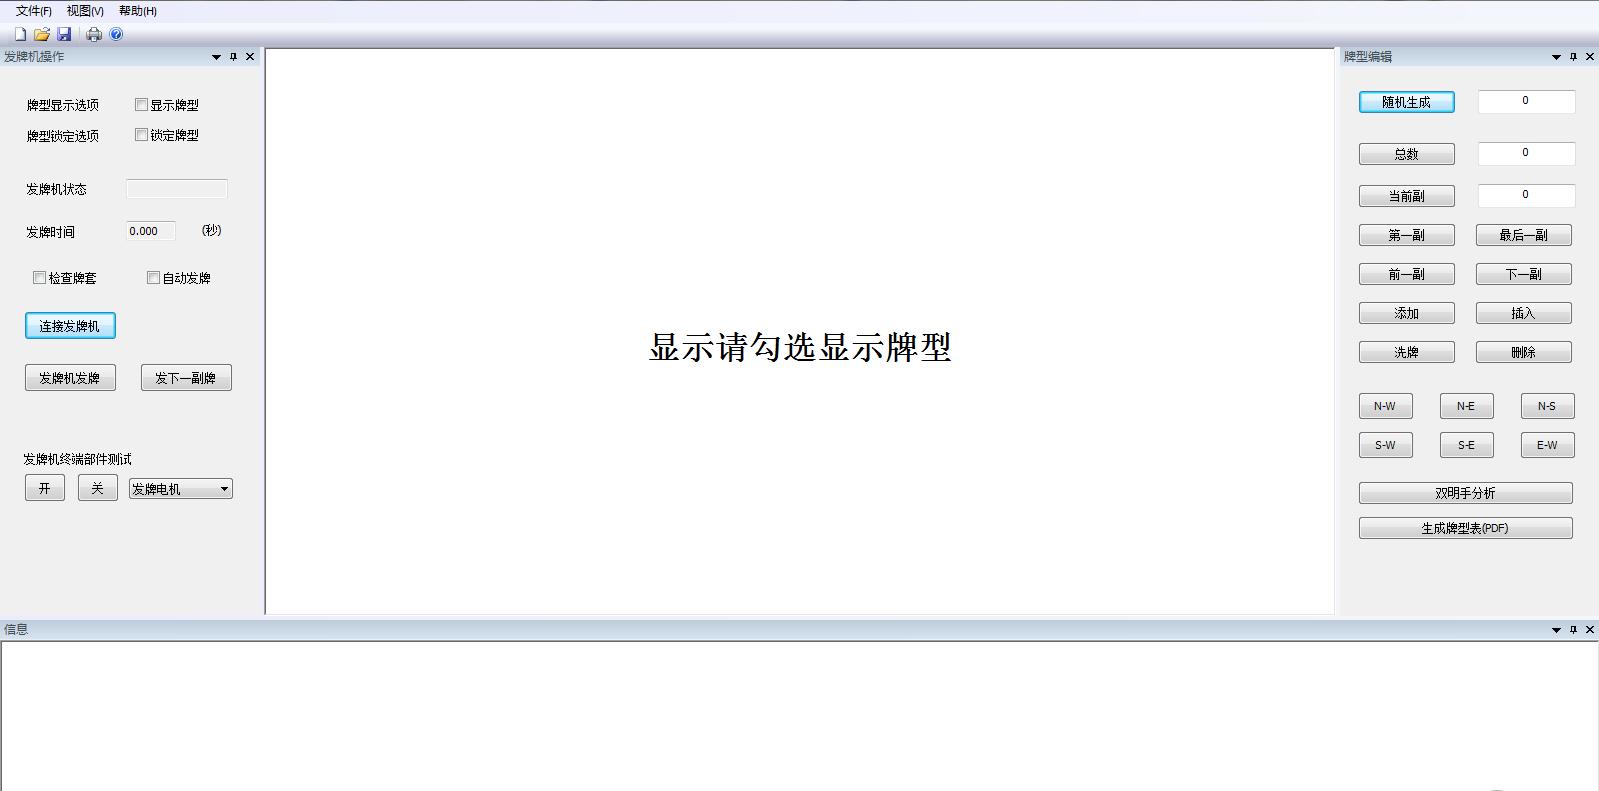 向日葵黄软件下载图片2.png